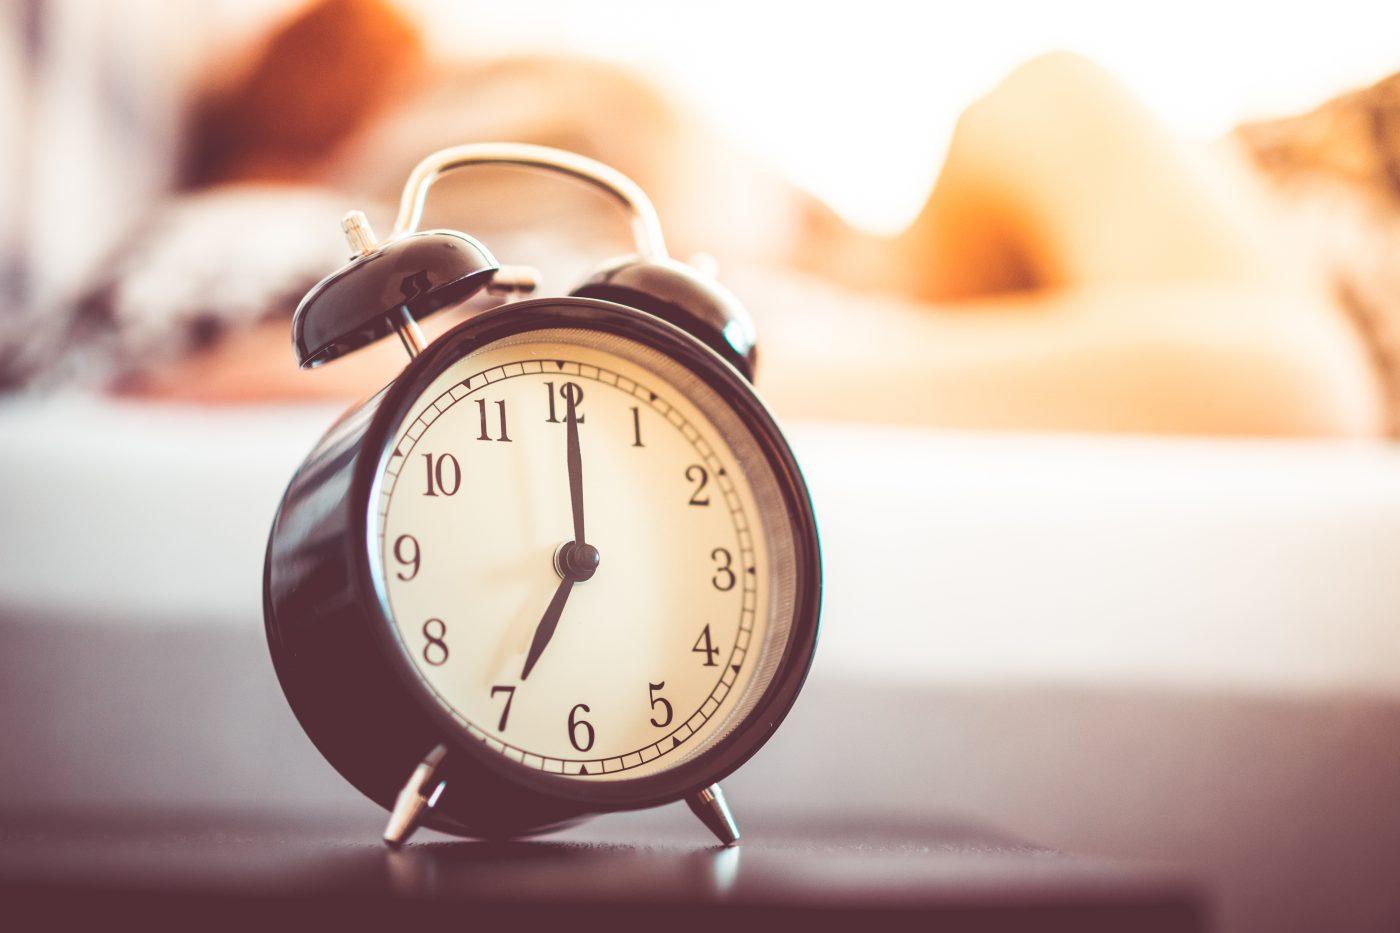 Les applications pour étudier votre sommeil pourraient vous rendre insomniaques